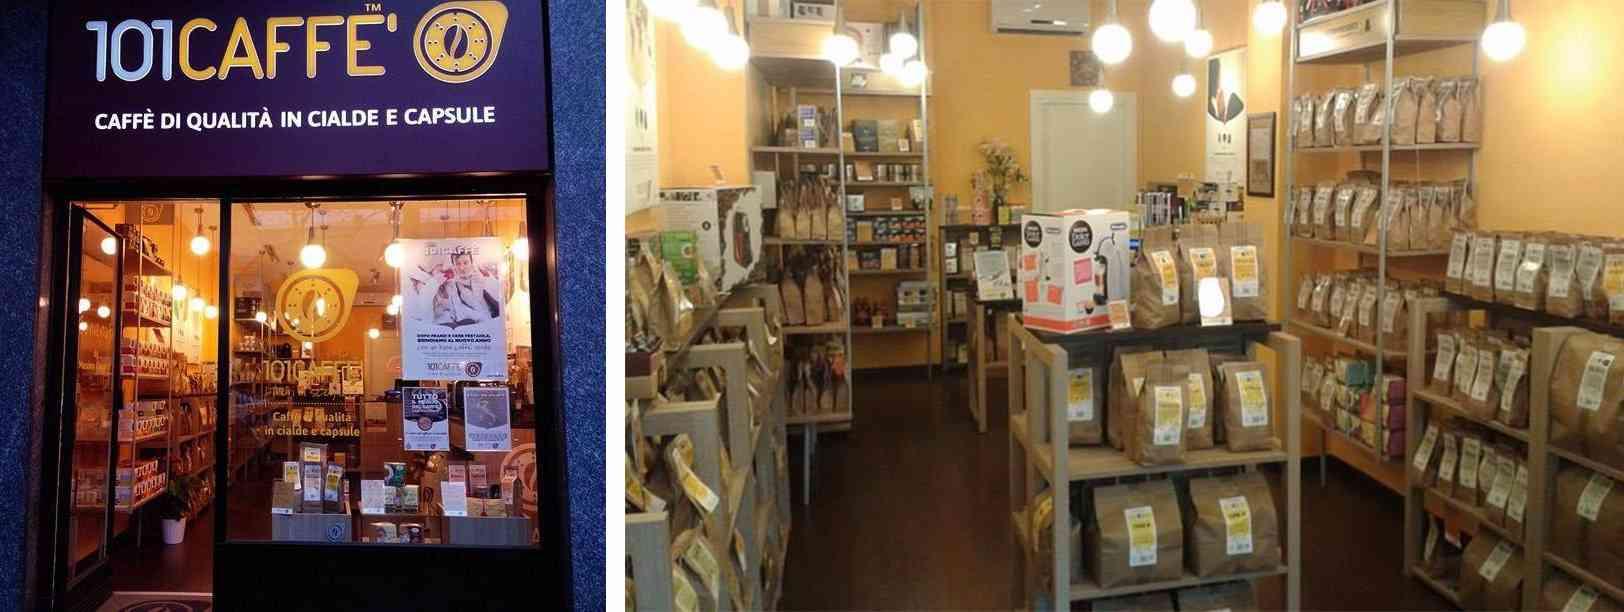 arredamento di un negozio di cialde di caffè